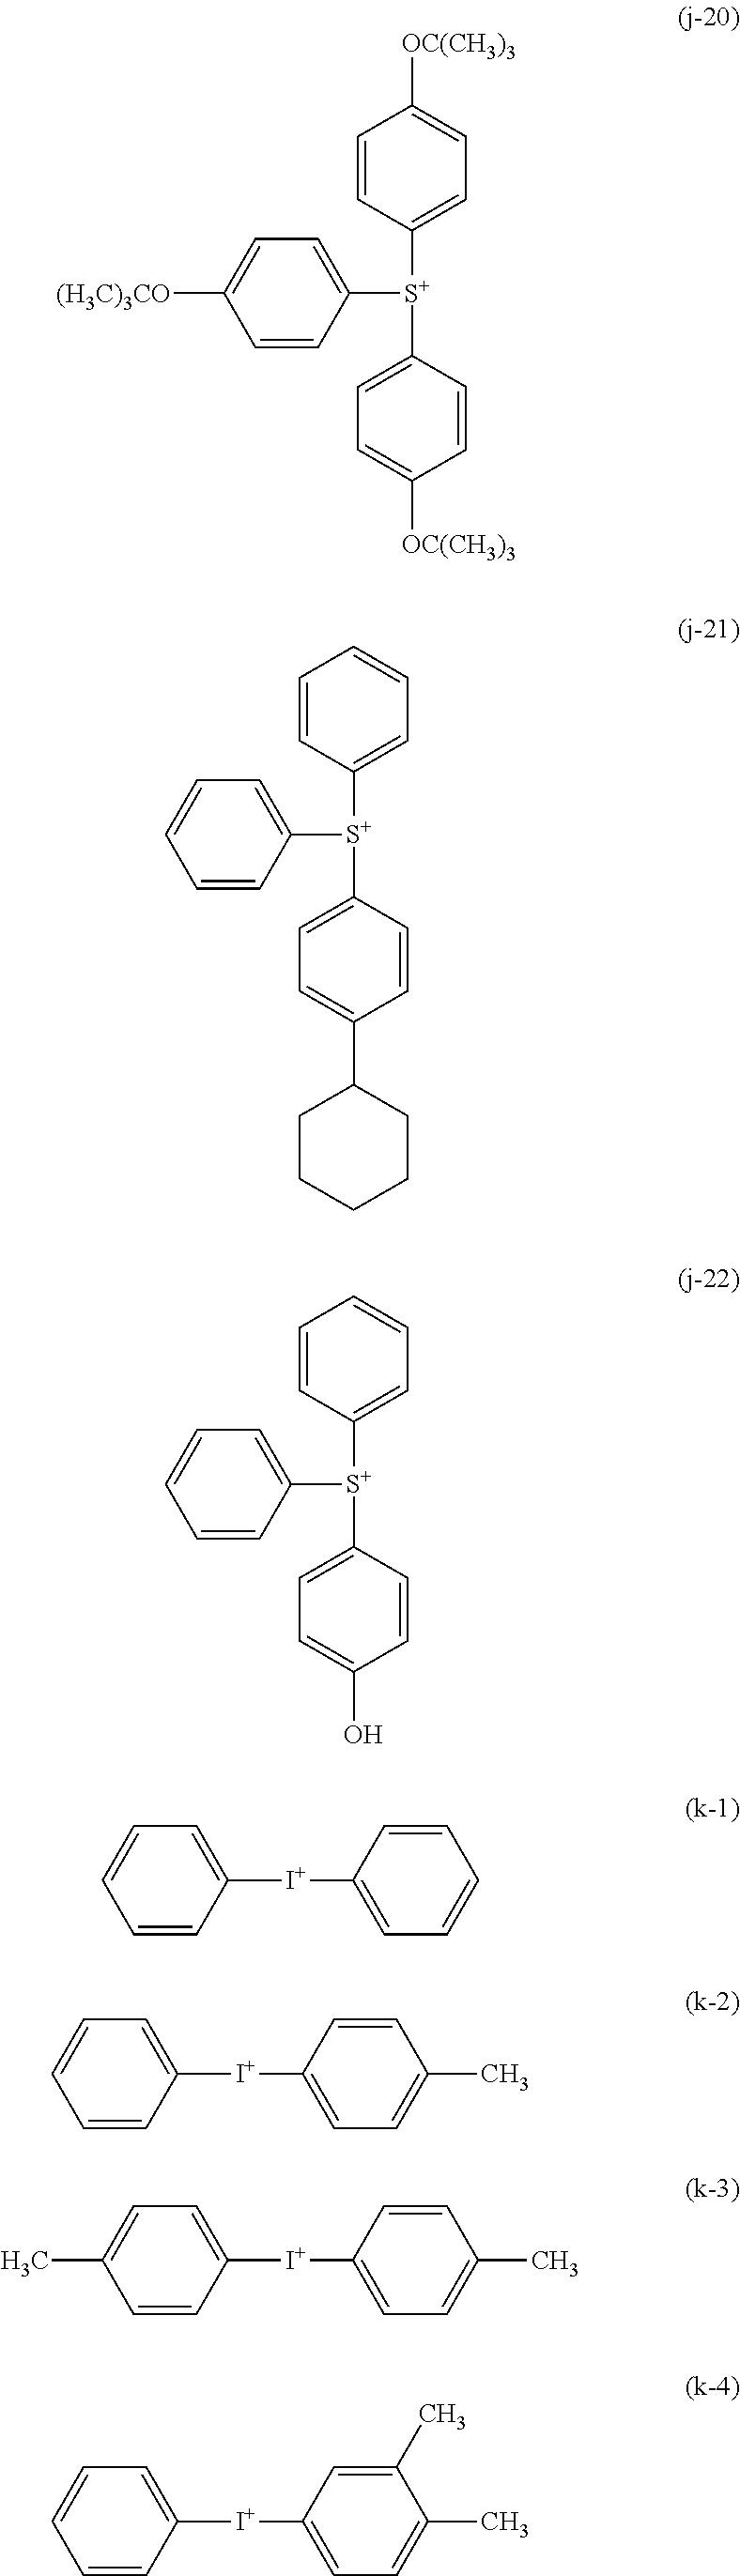 Figure US08507575-20130813-C00022